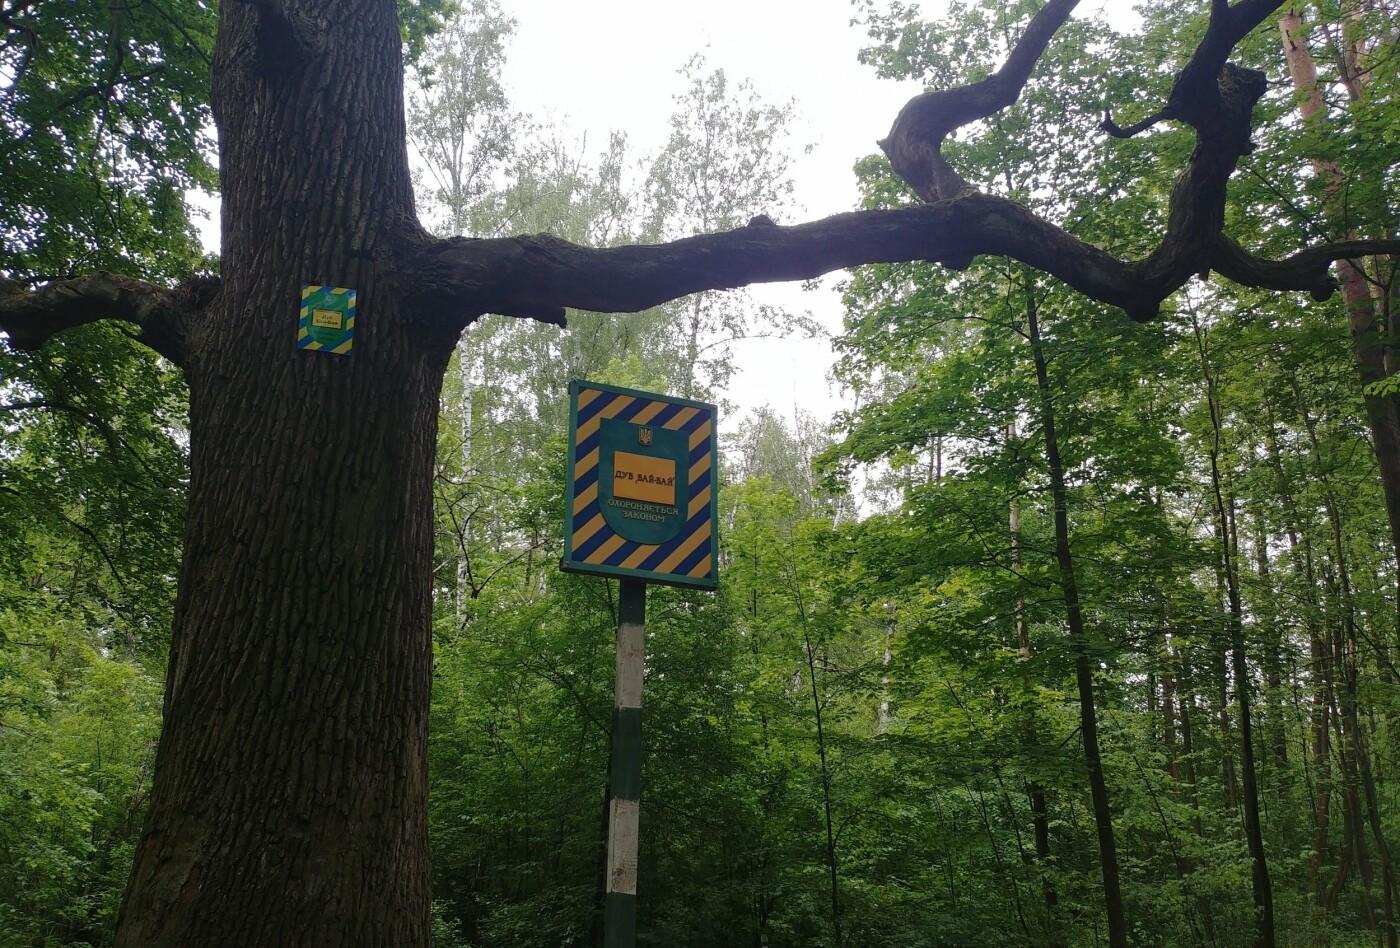 Тысячелетние дубы и липы: ТОП-10 самых старых деревьев Киева, - ФОТО, Фото: Anna